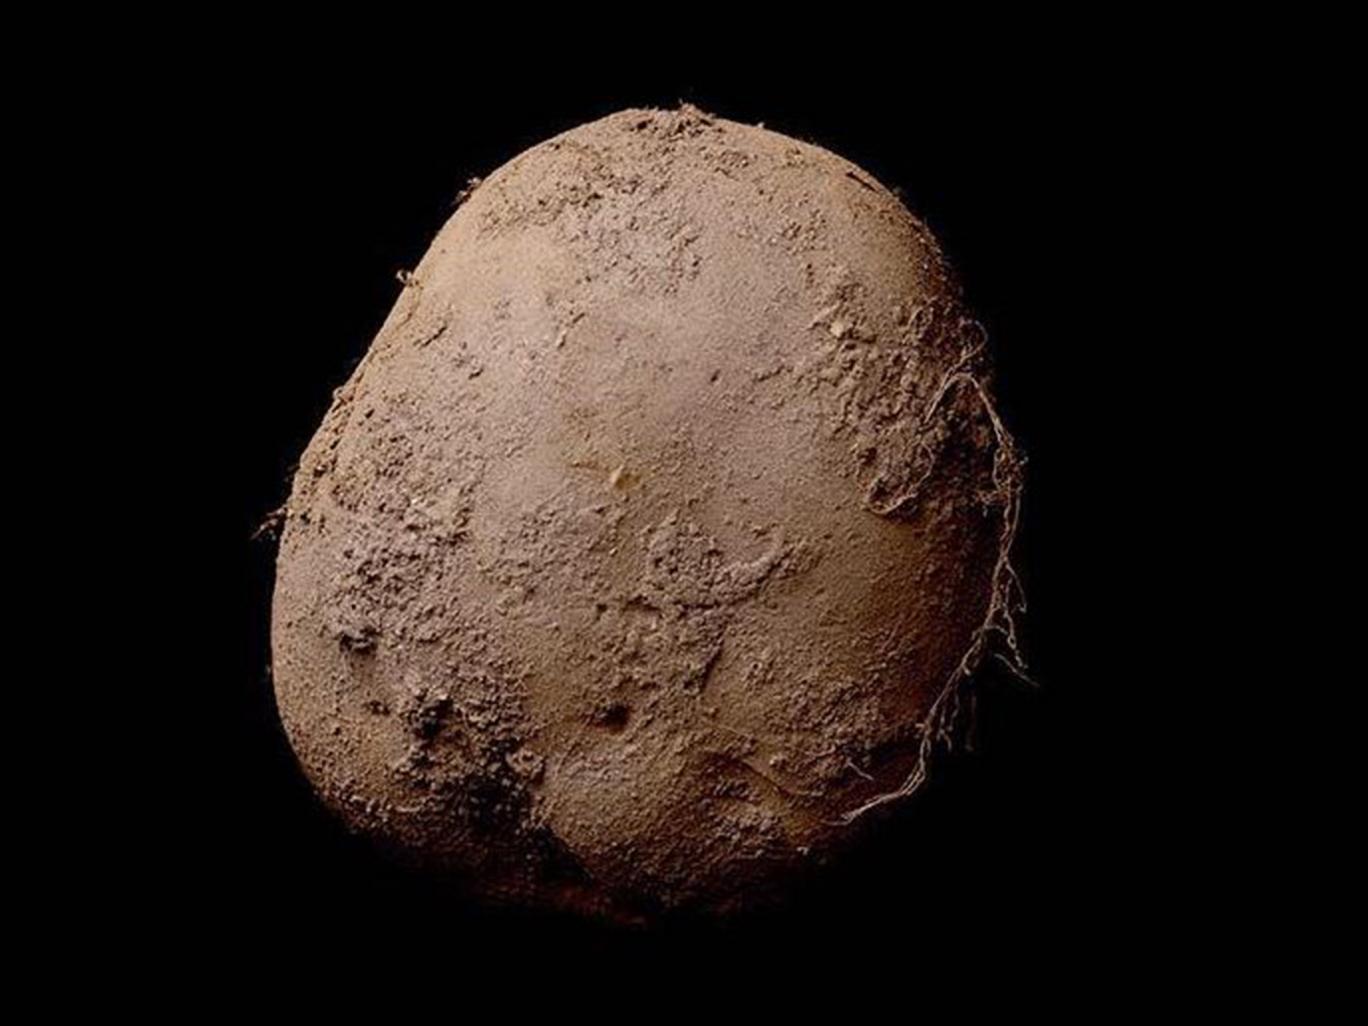 Ірландський фотограф продав світлину картоплини за мільйон євро